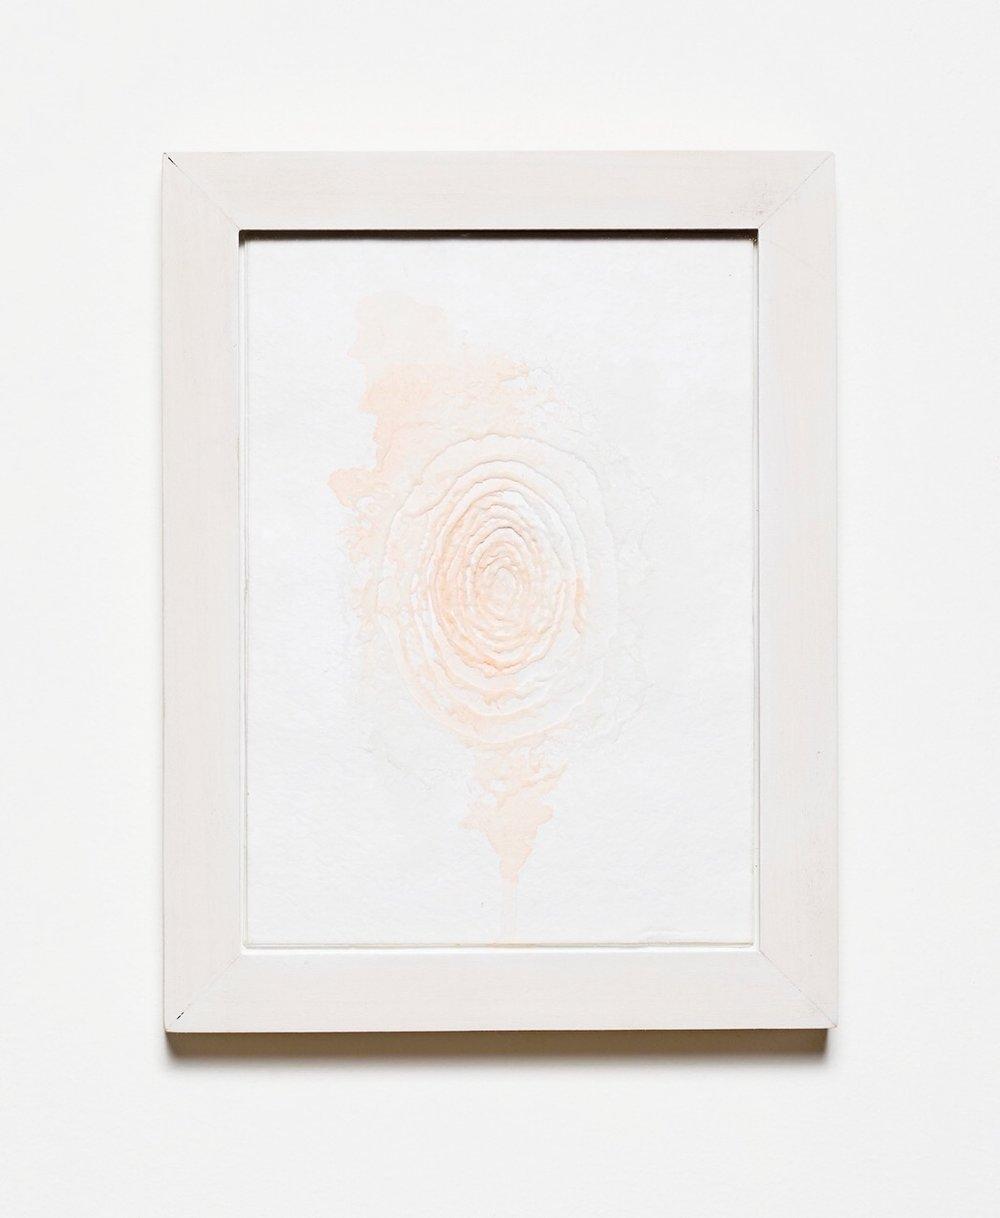 Rosen-Jess-Spill.jpg